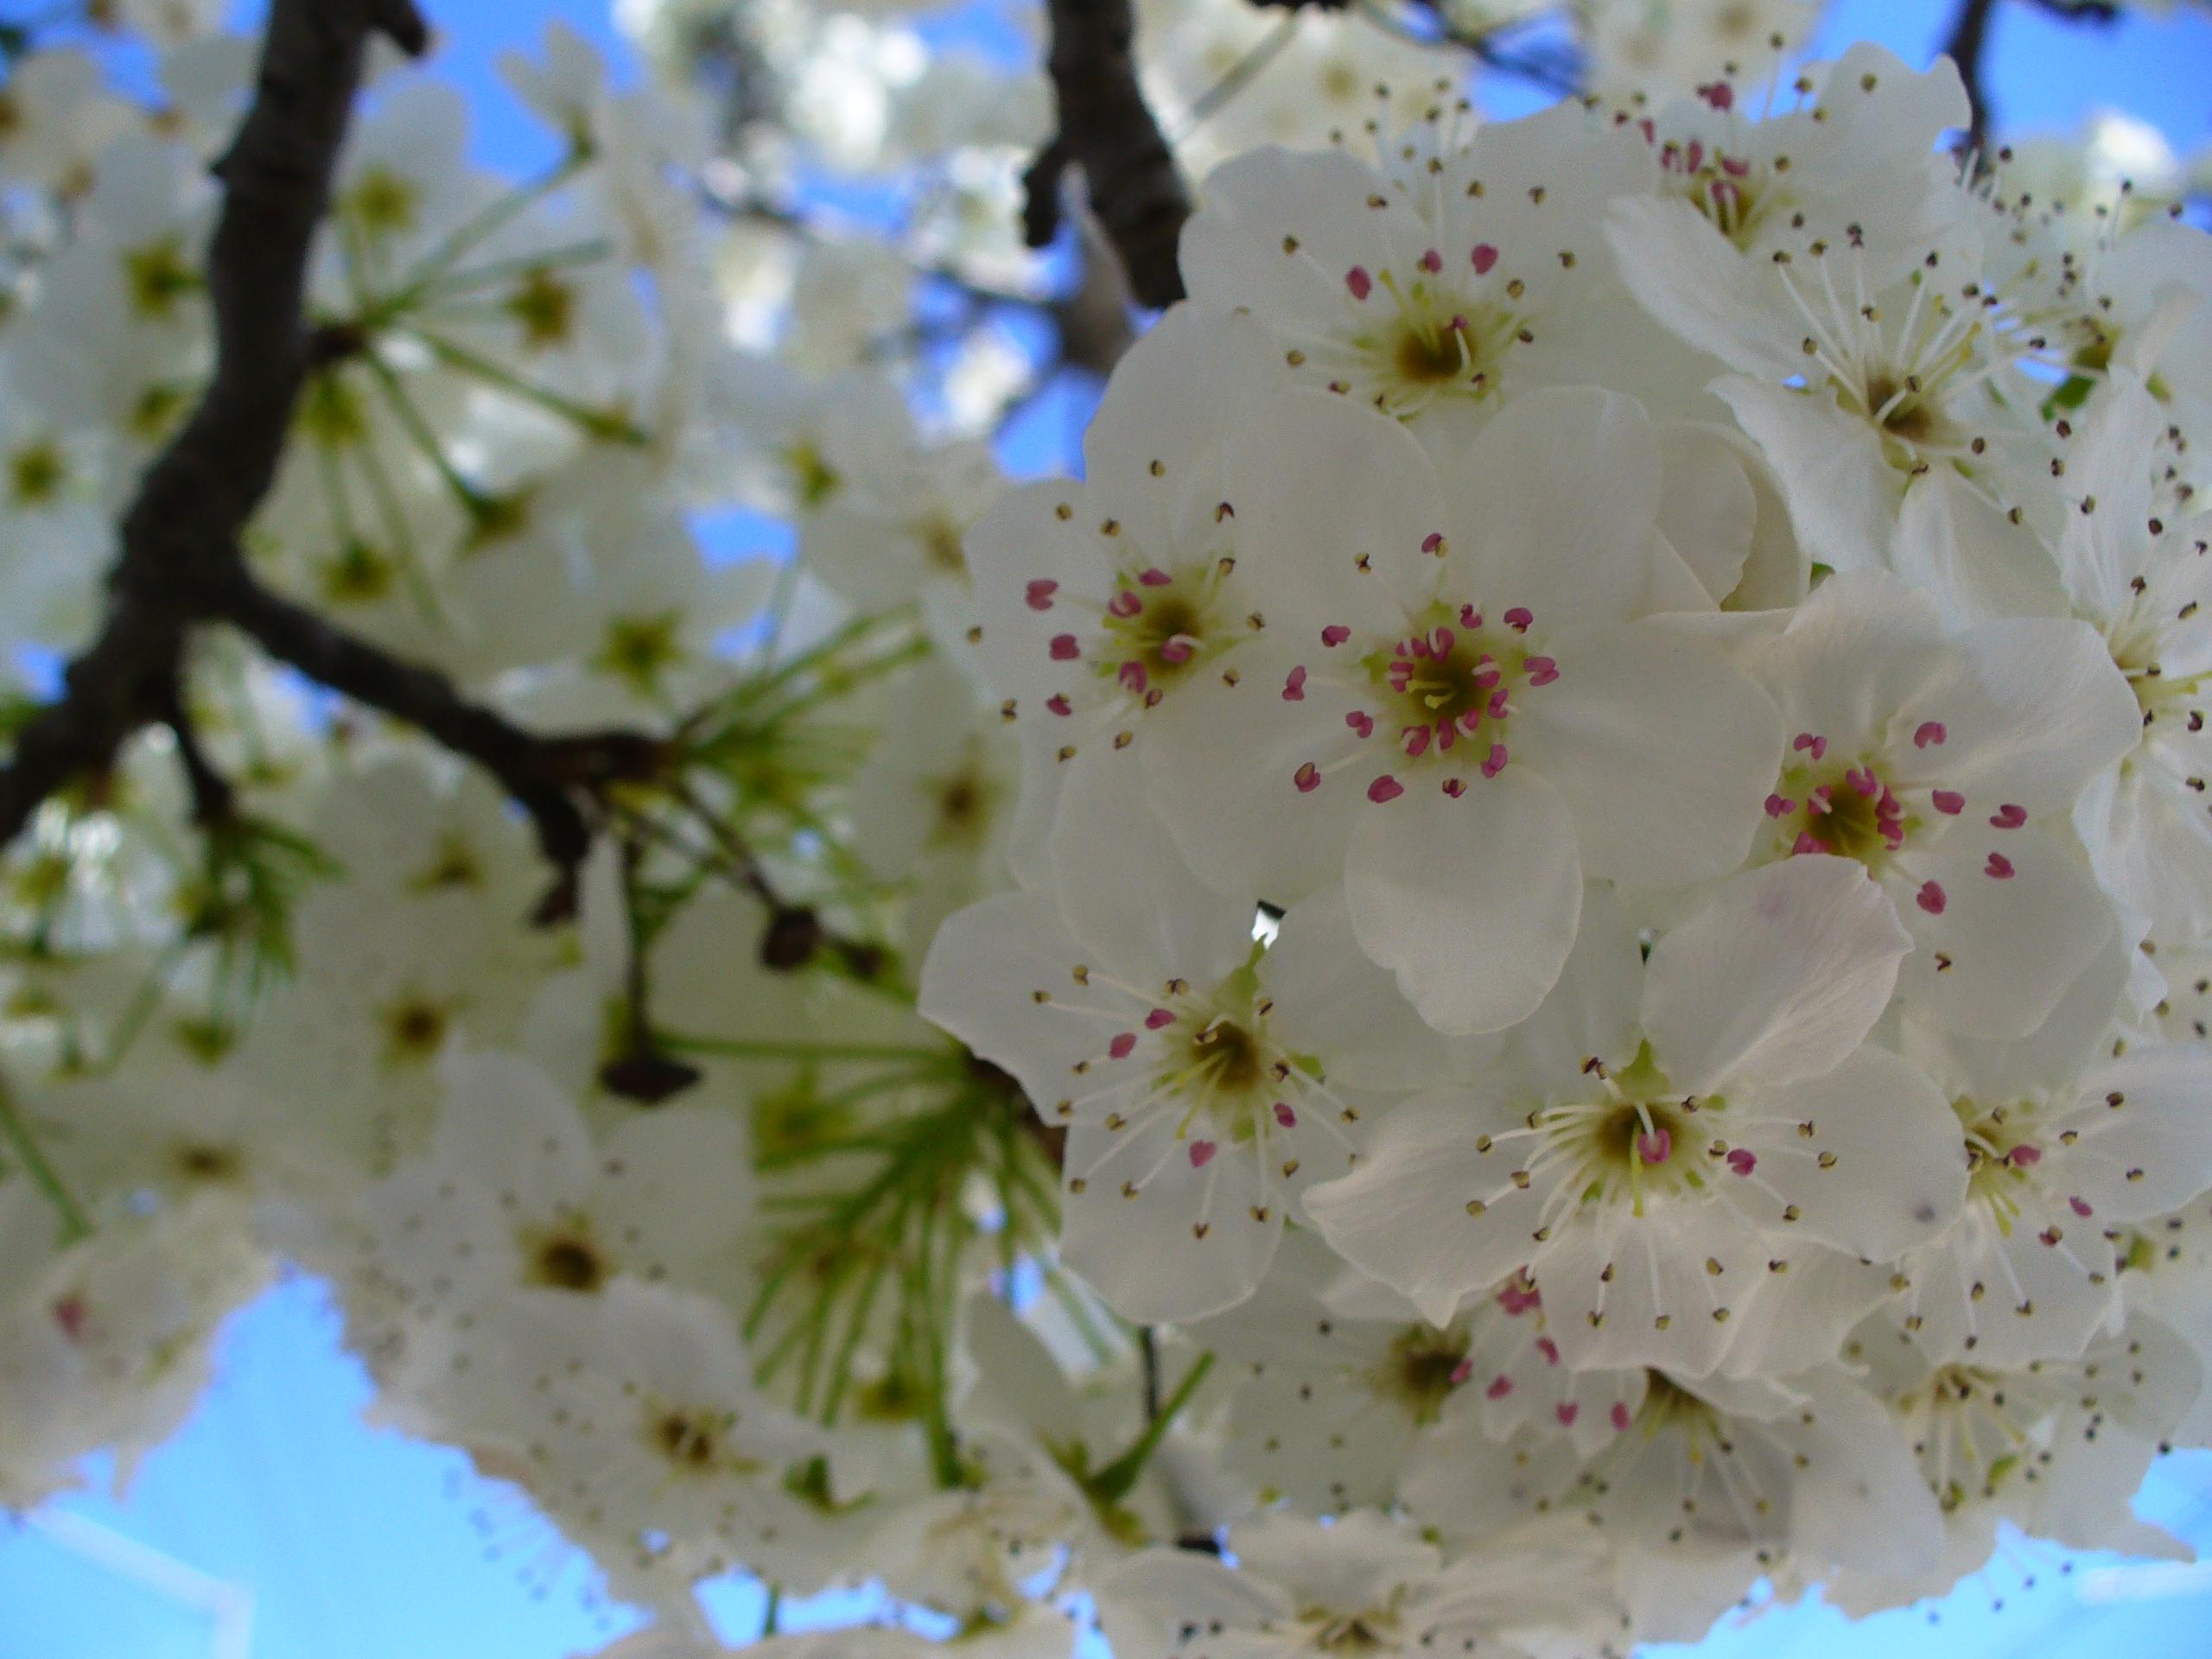 flowering-tree-flowers-rancho_cordova-20190331-75